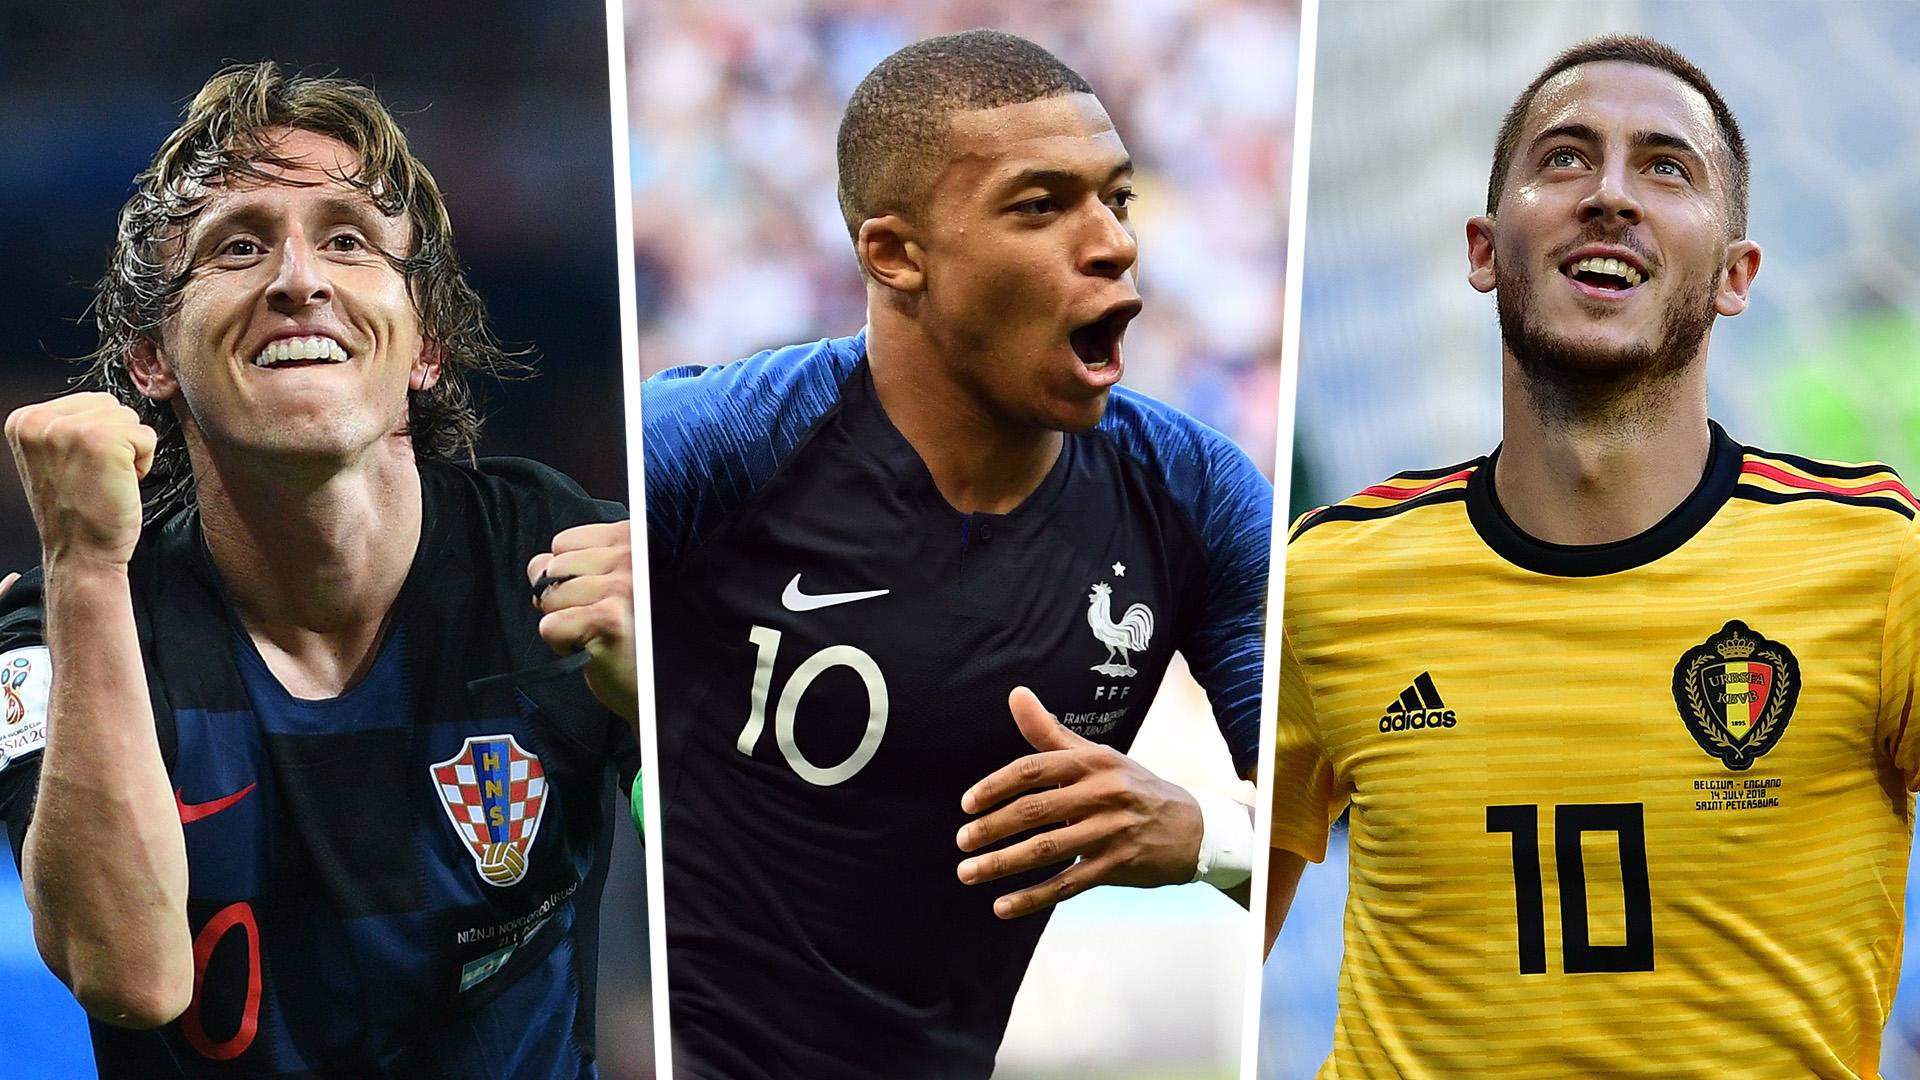 მსოფლიოს ჩემპიონატის საუკეთესი გუნდი Goal.Com-ის ვერსიით (ფოტოები)